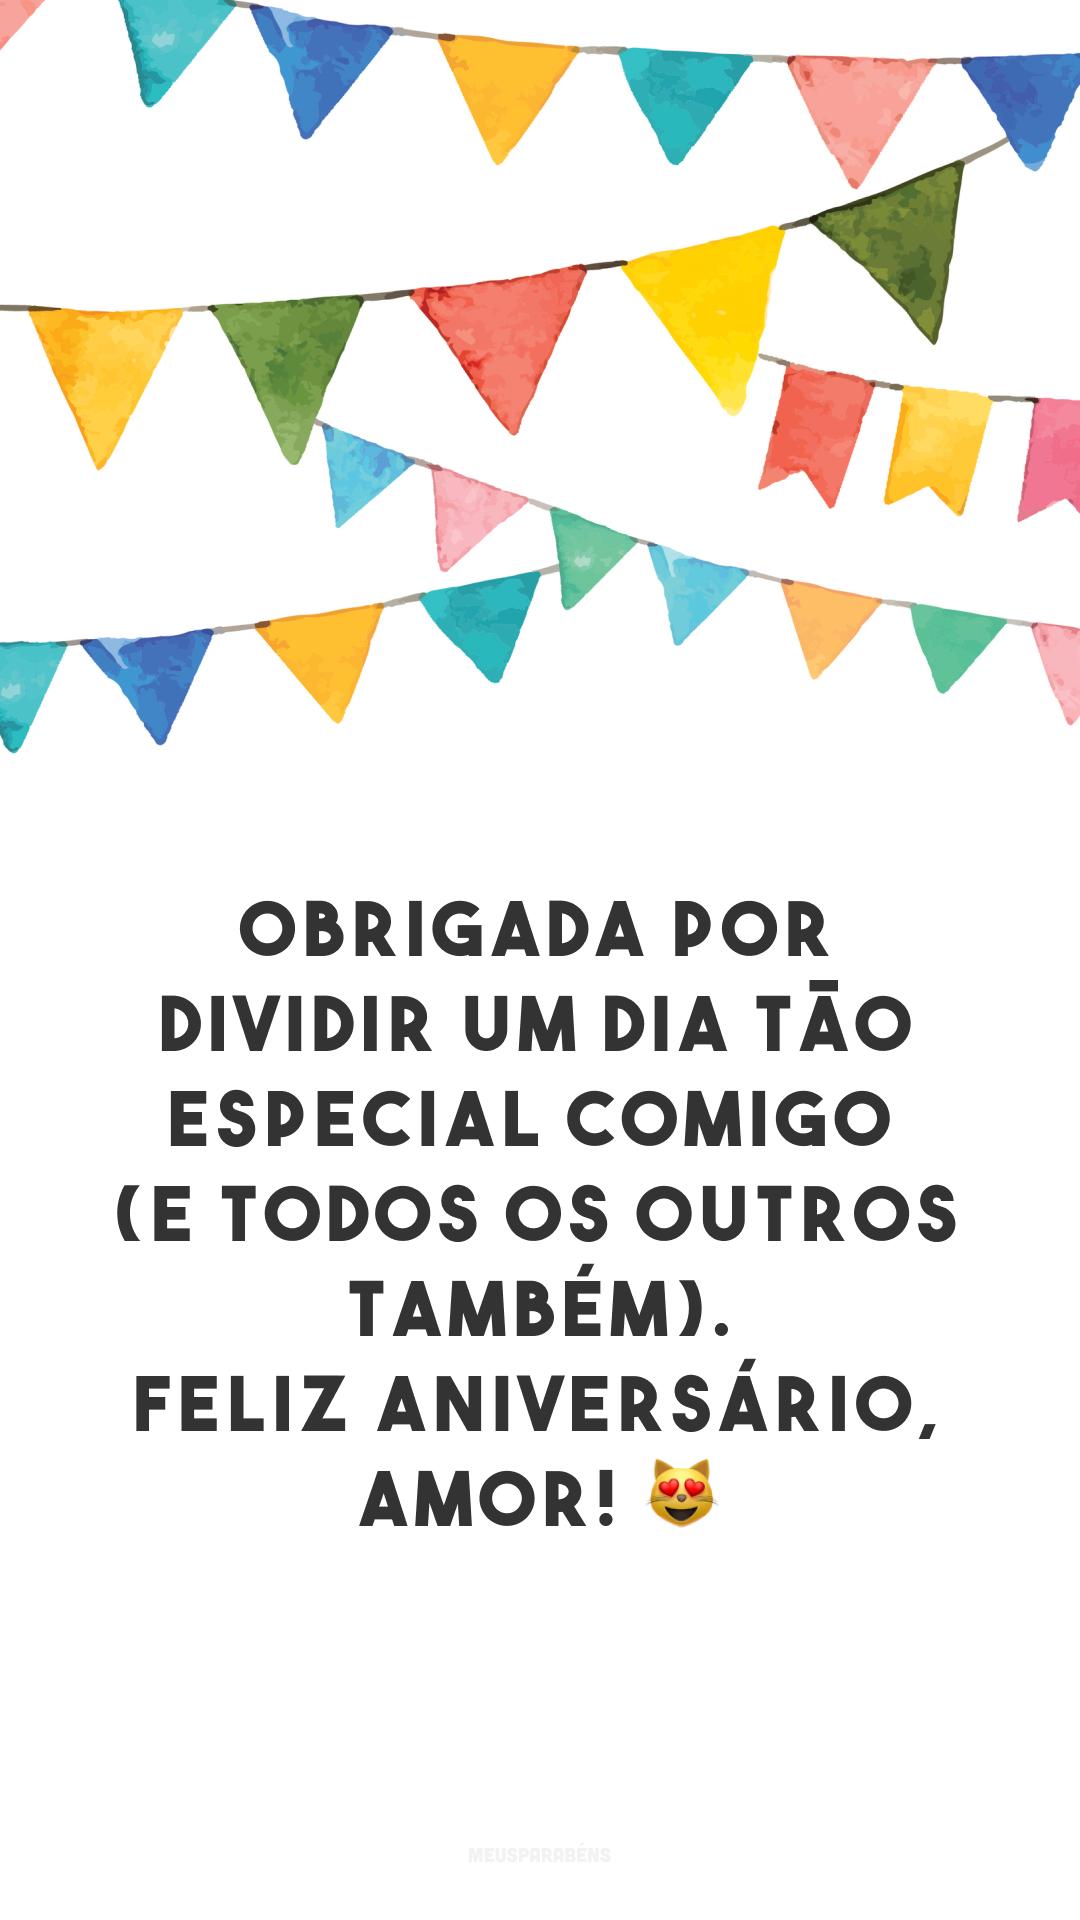 Obrigada por dividir um dia tão especial comigo (e todos os outros também). Feliz aniversário, amor! 😻